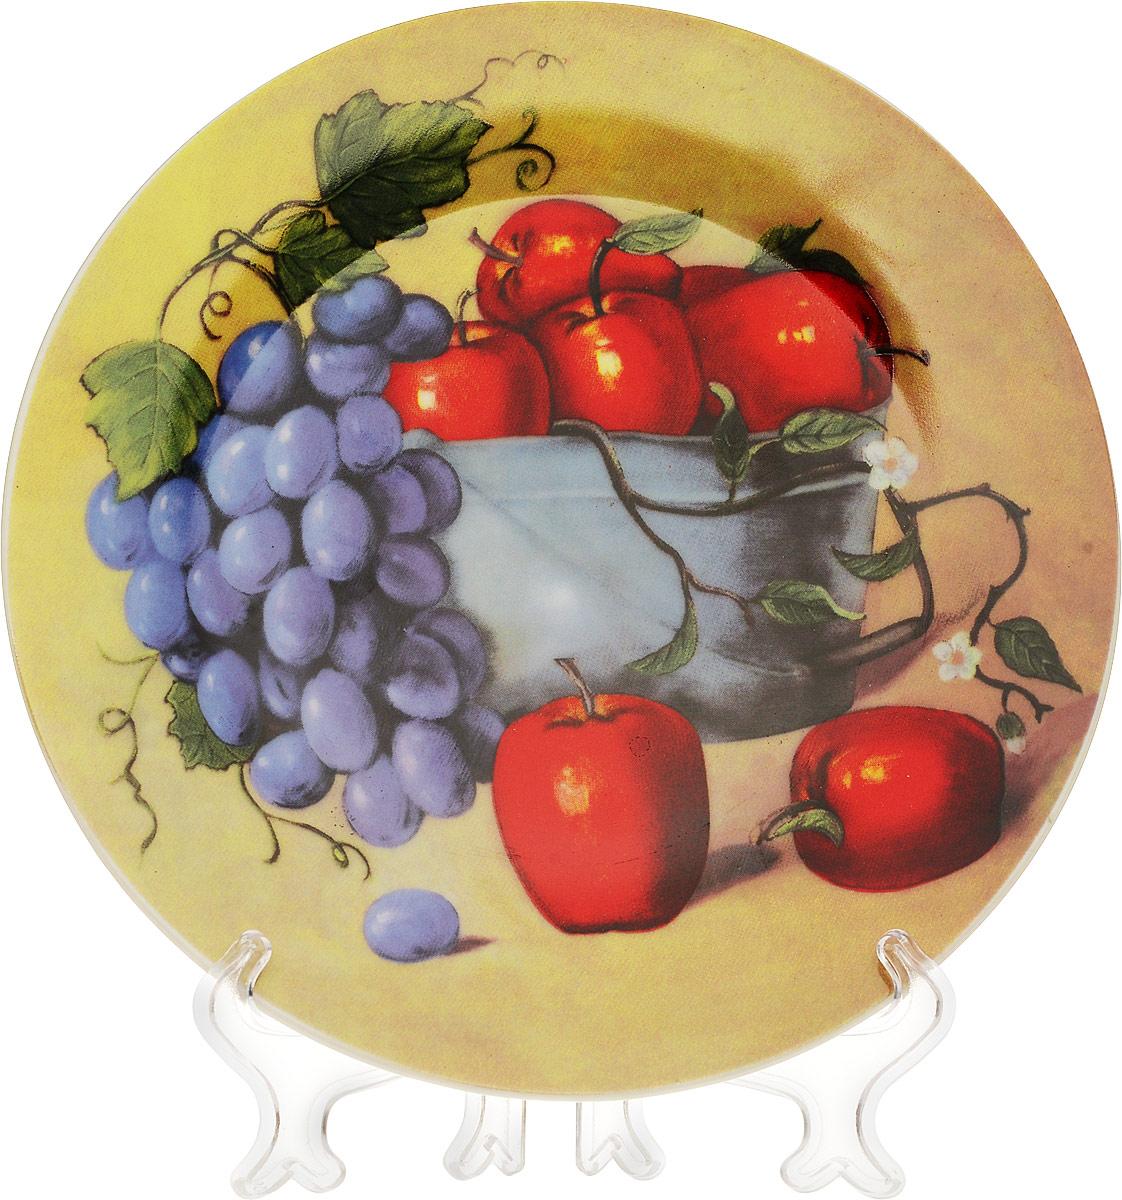 Тарелка декоративная Натюрморт с яблоками, диаметр 18 см54 009318Декоративная тарелка Натюрморт с яблоками станет достойным украшением вашего интерьера. Сувенирная тарелка выполнена из фарфора, декорирована оригинальным красочным рисунком. В комплект с тарелкой входит пластиковая подставка. Тарелка сочетает в себе изысканный дизайн и красочность оформления, которая придется по вкусу и ценителям классики, и тем, кто предпочитает утонченность и изящность. А также такая тарелка послужит хорошим подарком, для людей, ценящих красивые и оригинальные вещи. Характеристики:Материал:фарфор. Диаметр тарелки: 18 см. Размер упаковки: 18 см х 18 см х 3 см. Изготовитель: Китай. Артикул: 515-477.